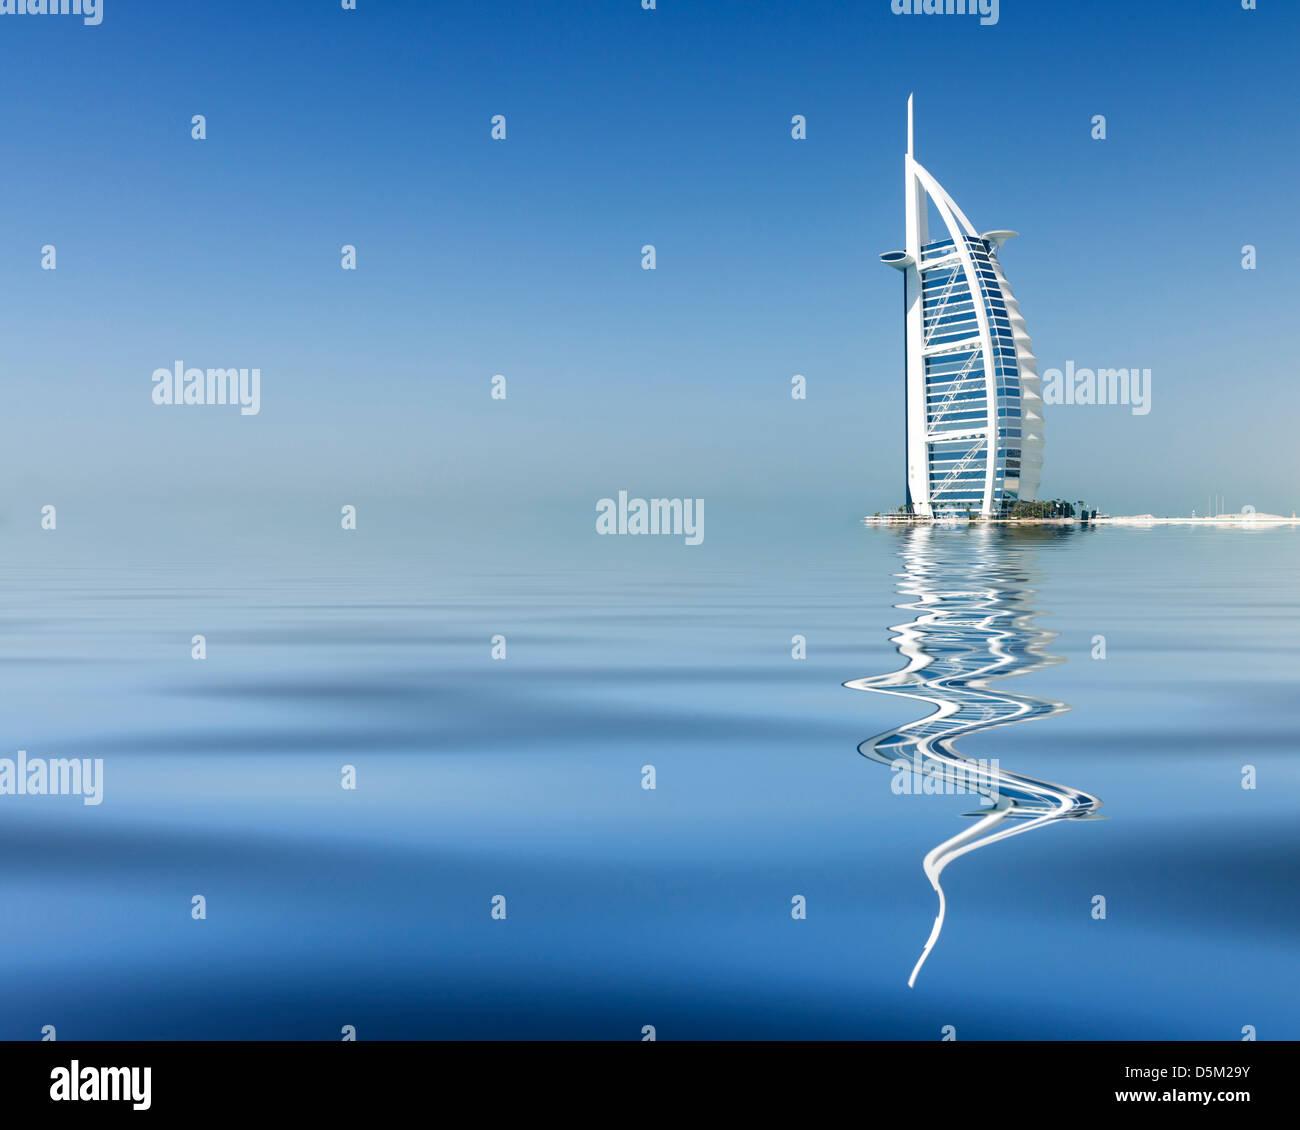 La reflexión de lujo Burj al Arab Hotel en primera línea de playa en Dubai, Emiratos Arabes Unidos UAE Imagen De Stock